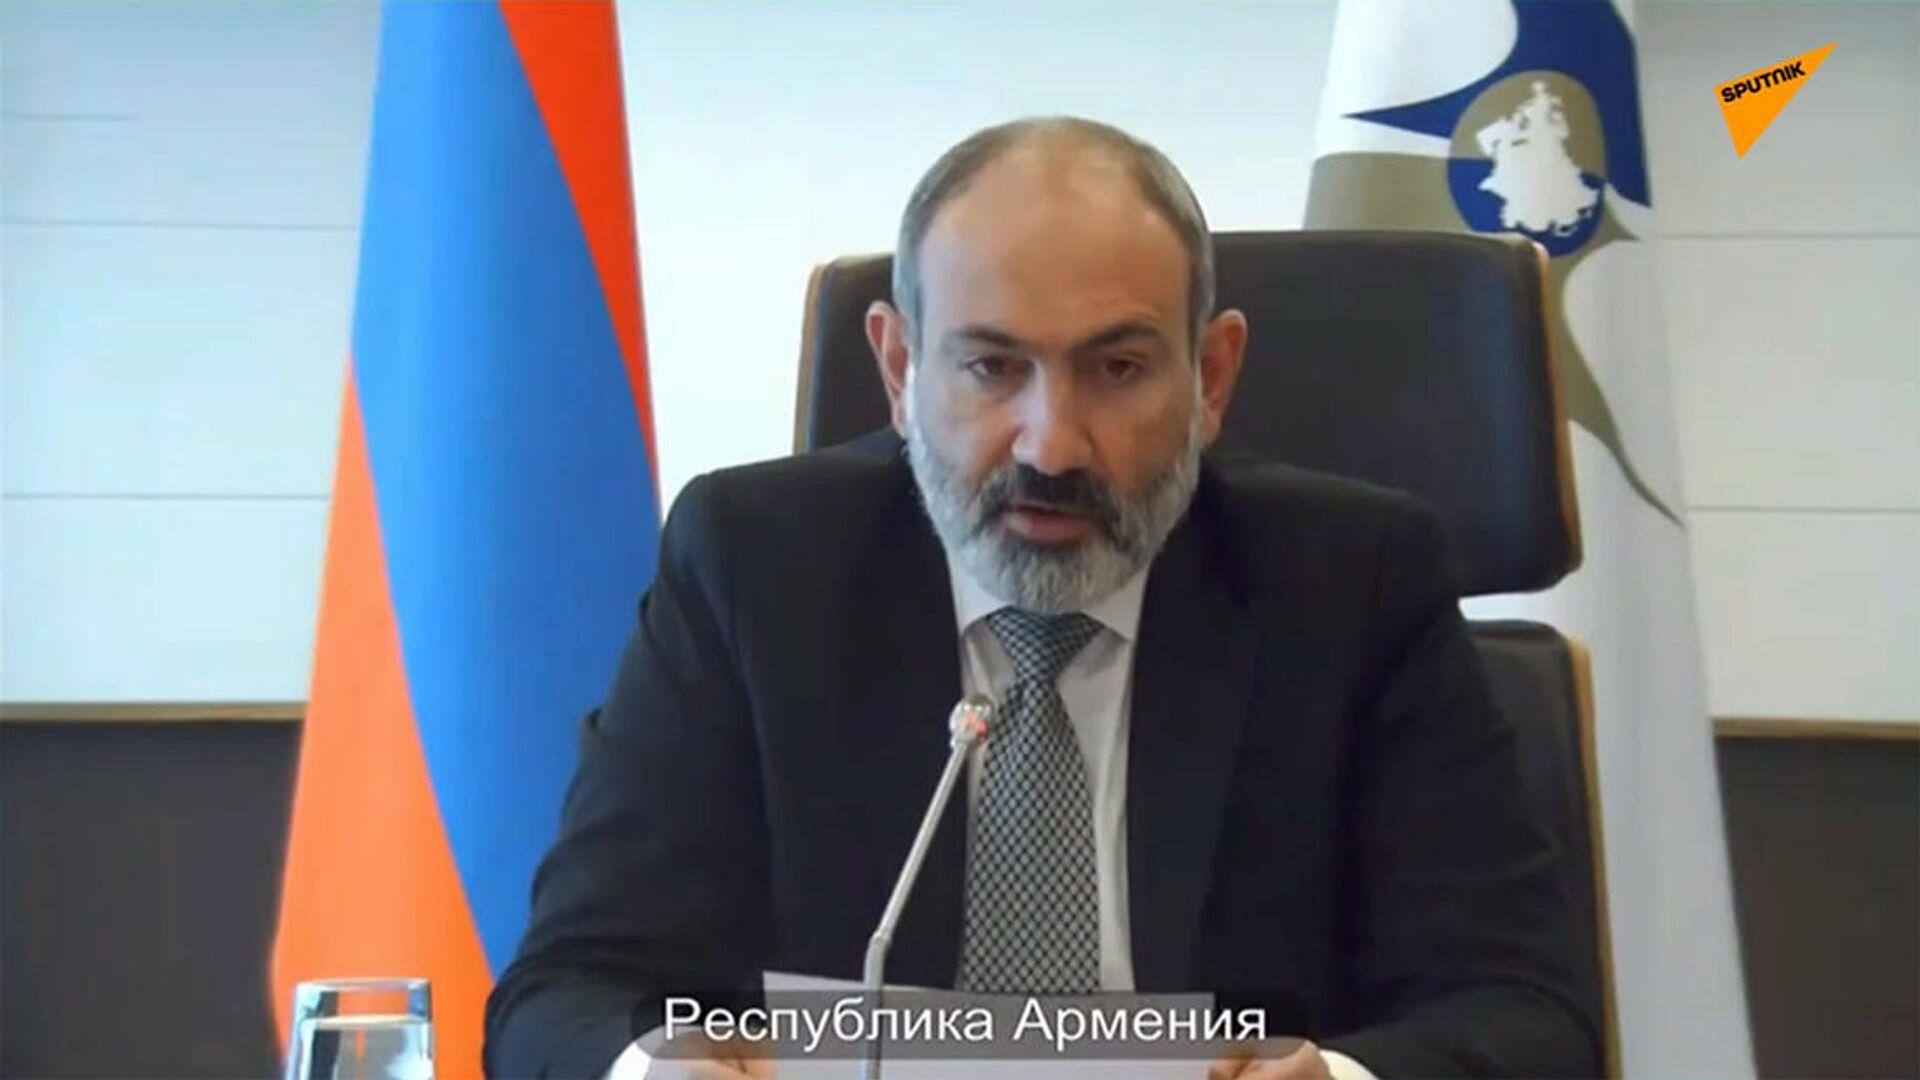 Премьер-министр Никол Пашинян на заседании Высшего Евразийского экономического совета - Sputnik Армения, 1920, 14.10.2021